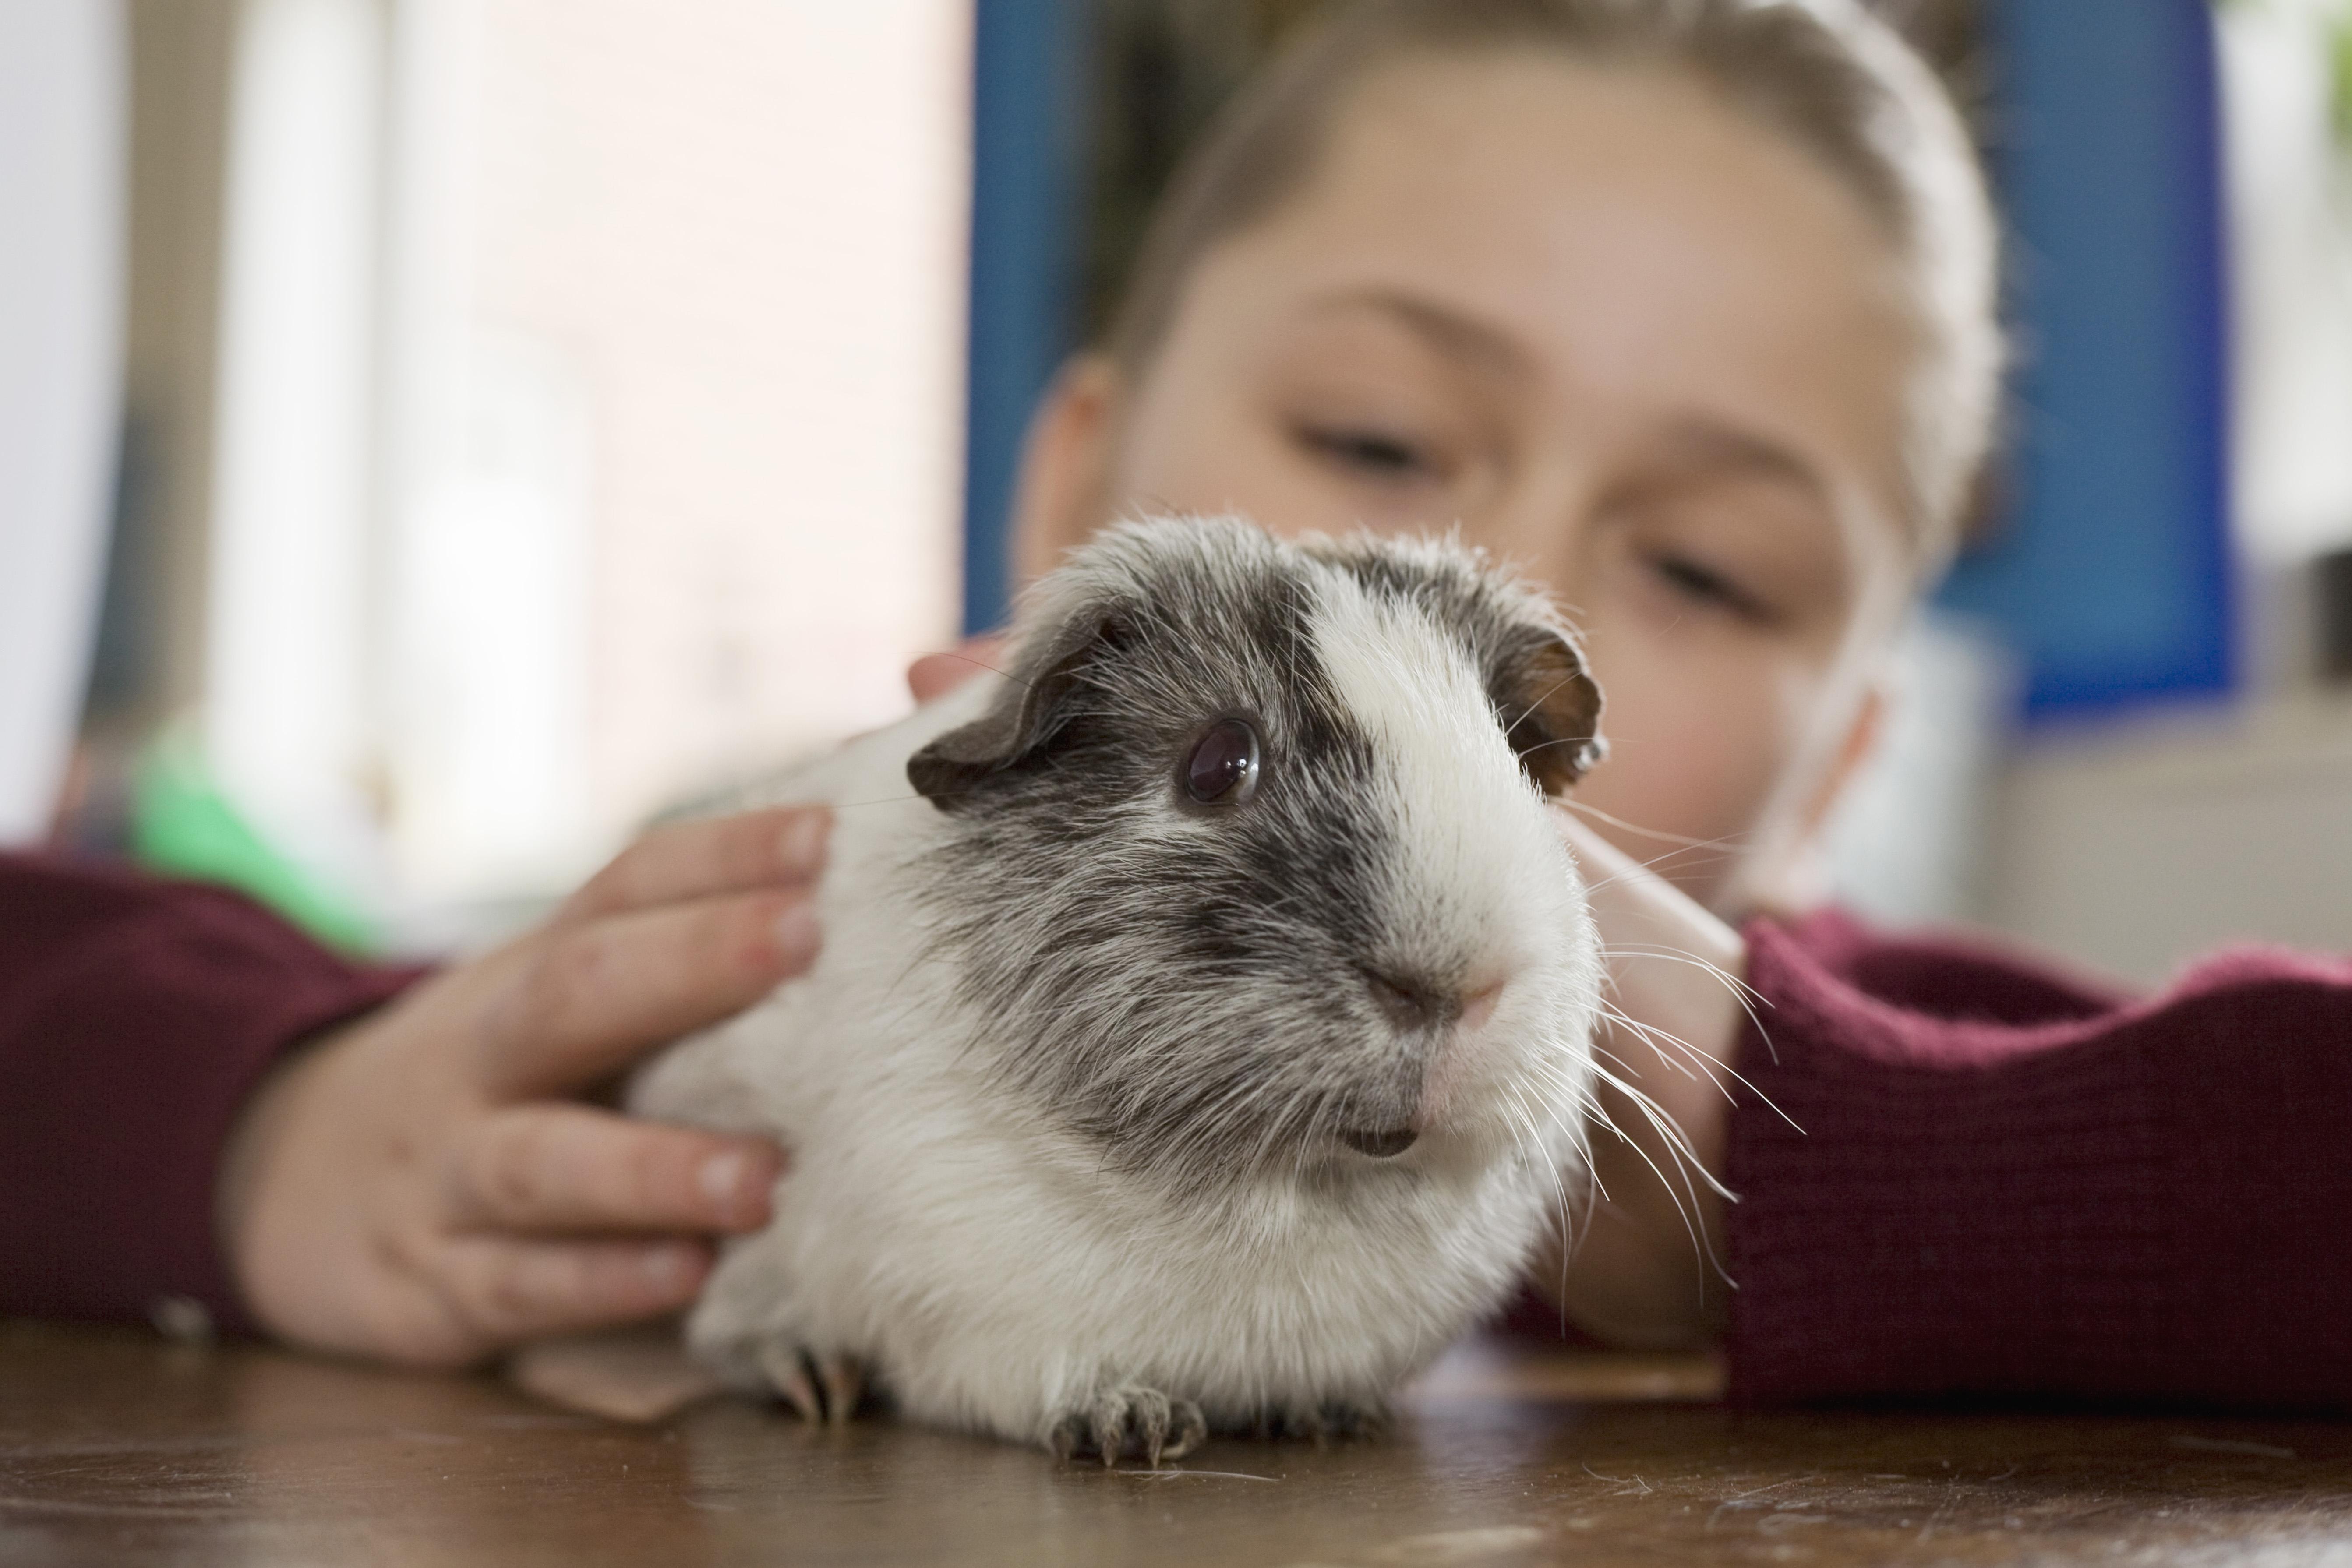 Adopt a Rescued Guinea Pig | Petfinder